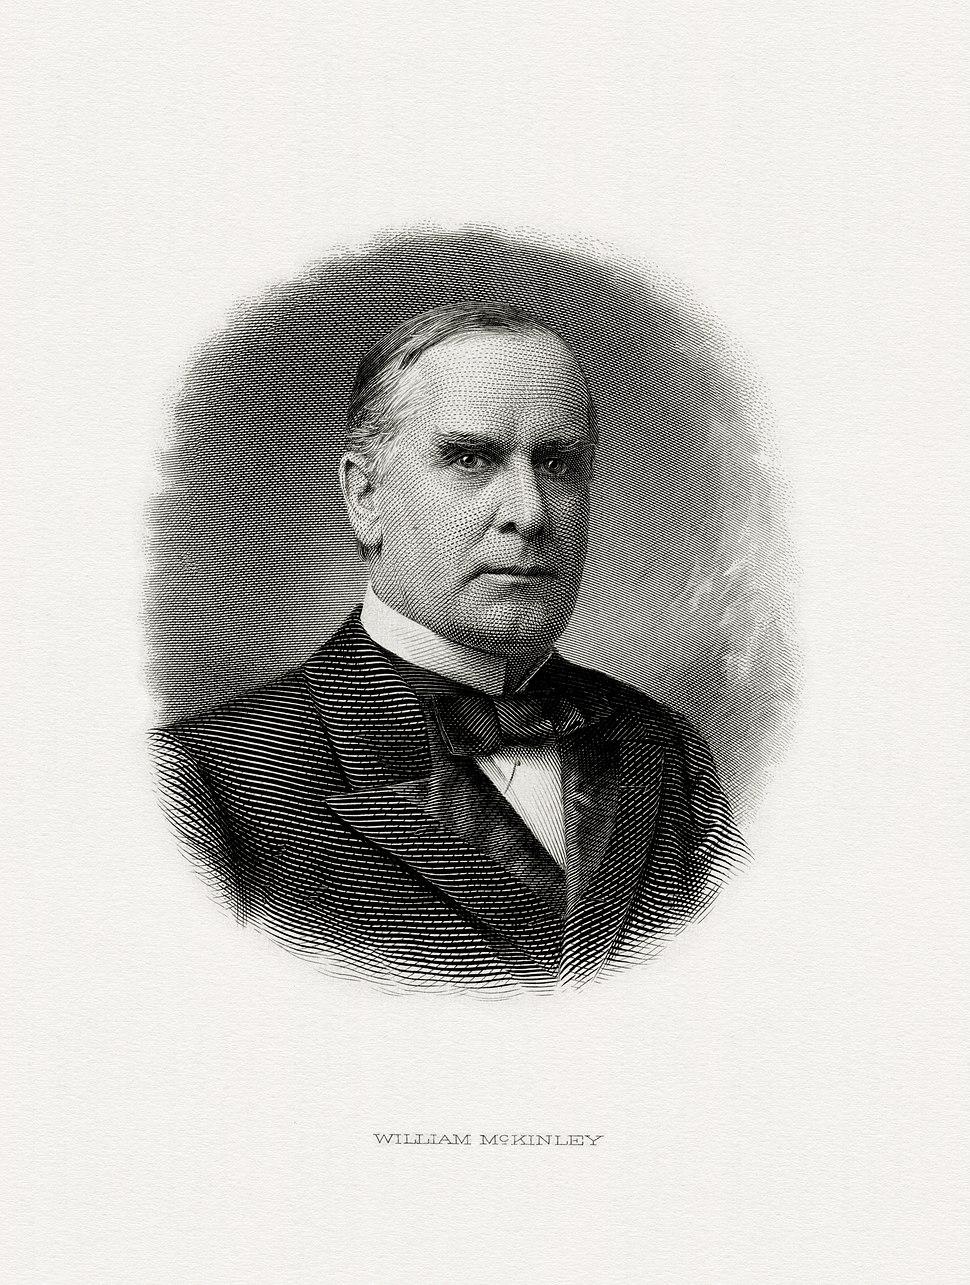 McKINLEY, William-President (BEP engraved portrait)